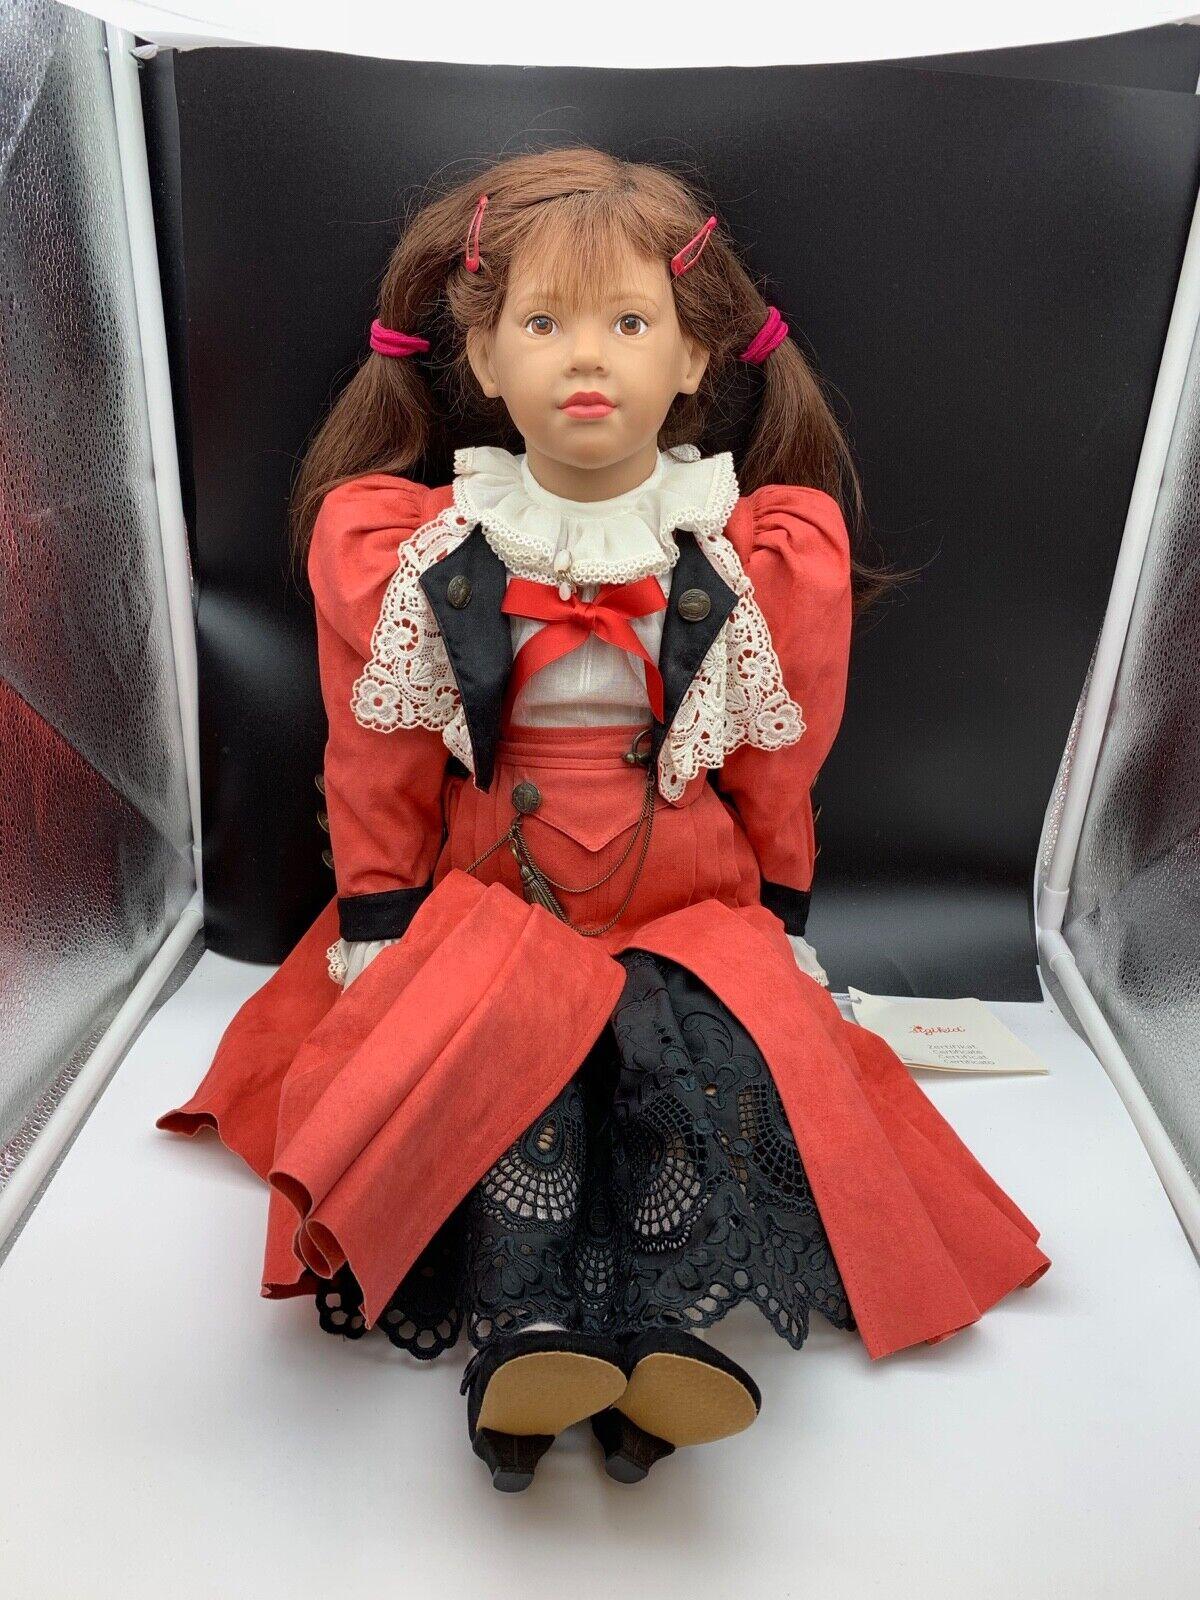 benvenuto a comprare SIGIKID Ilse Wippler vinile bambola bambola bambola 70 CM. OTTIMO stato  moda classica